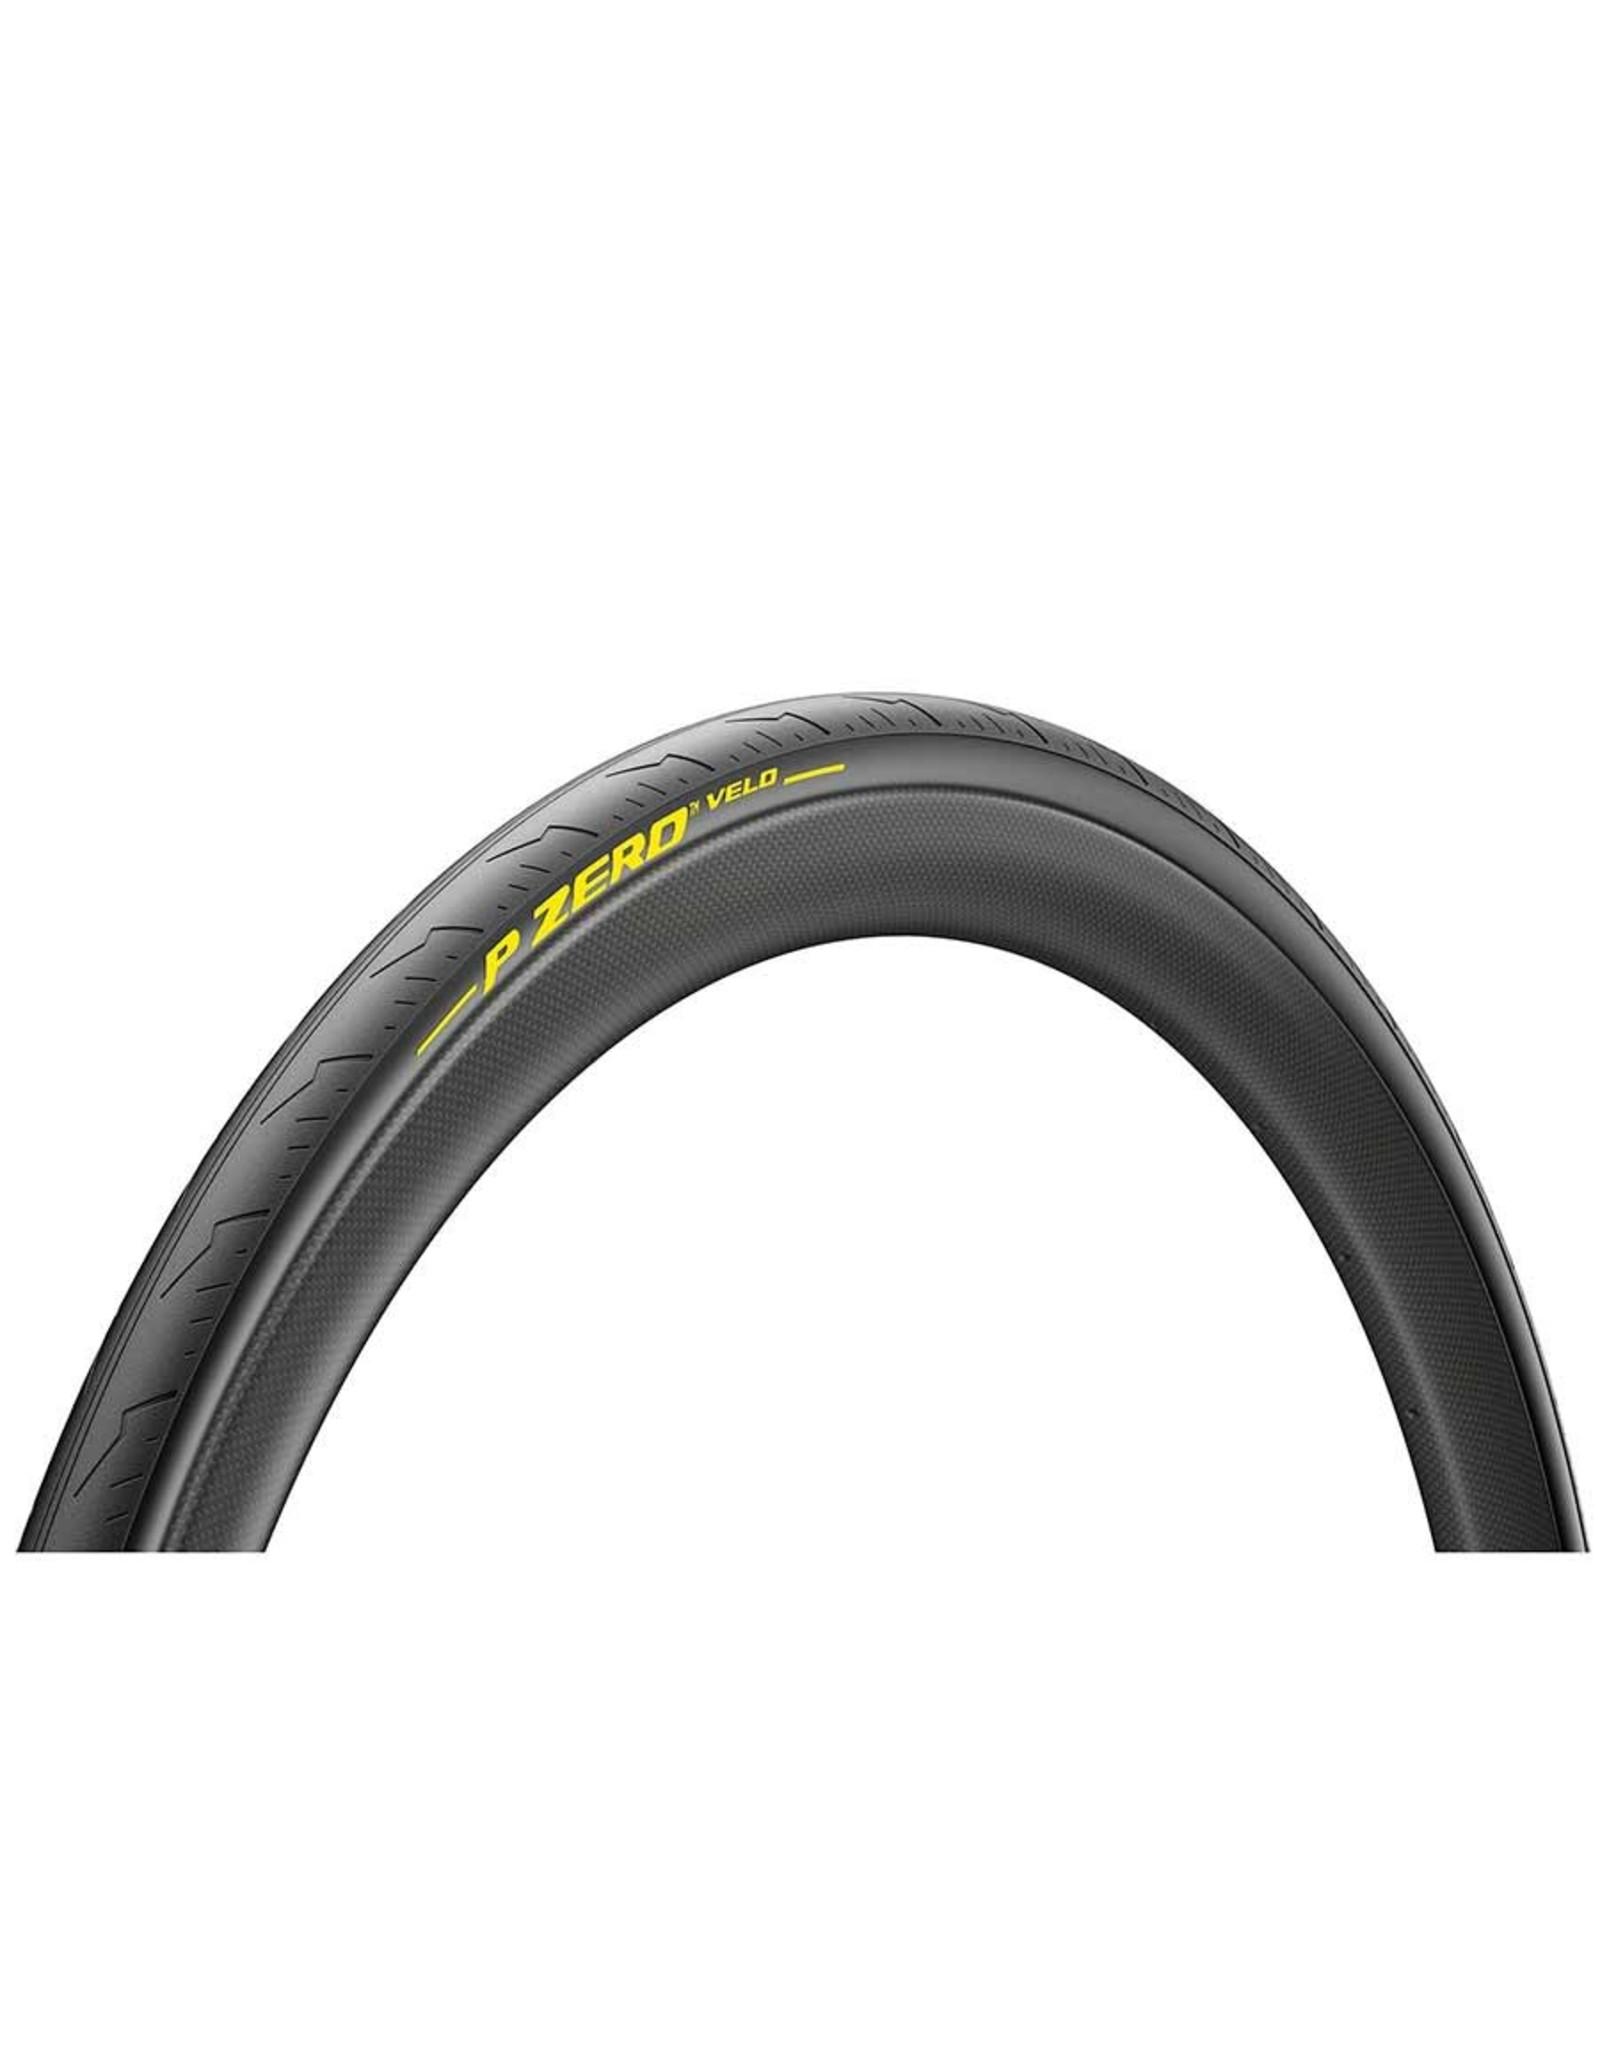 Pirelli, PZero Velo Tubular, Tire, 700x28C, Tubular, Smartnet Silica, 300TPI, Black